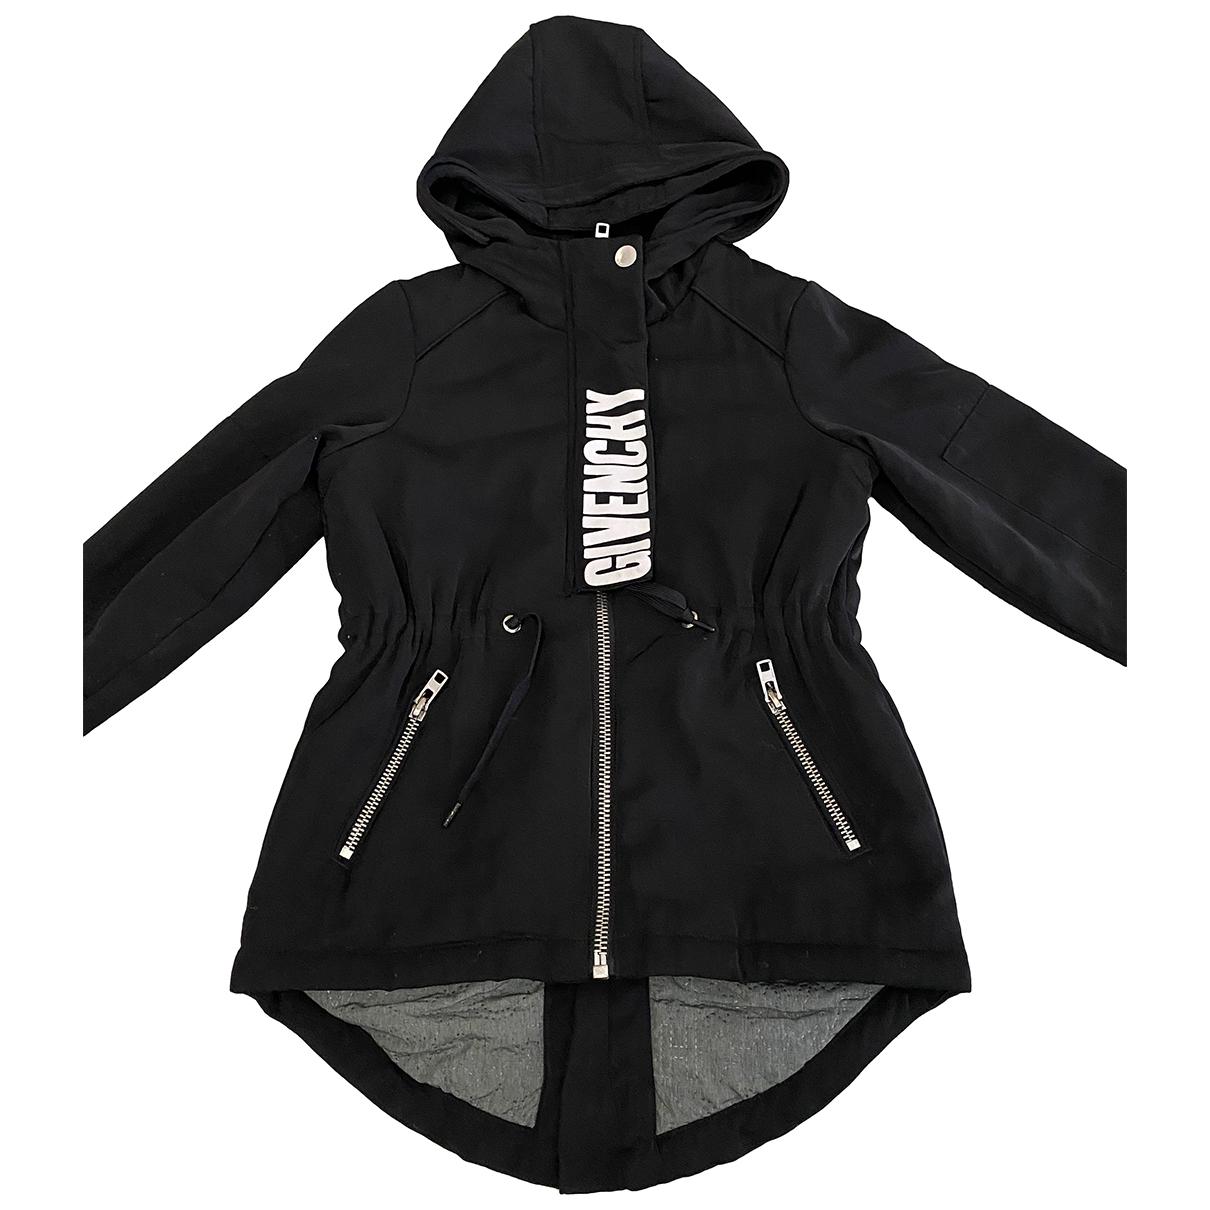 Givenchy \N Jacke, Maentel in  Schwarz Polyester